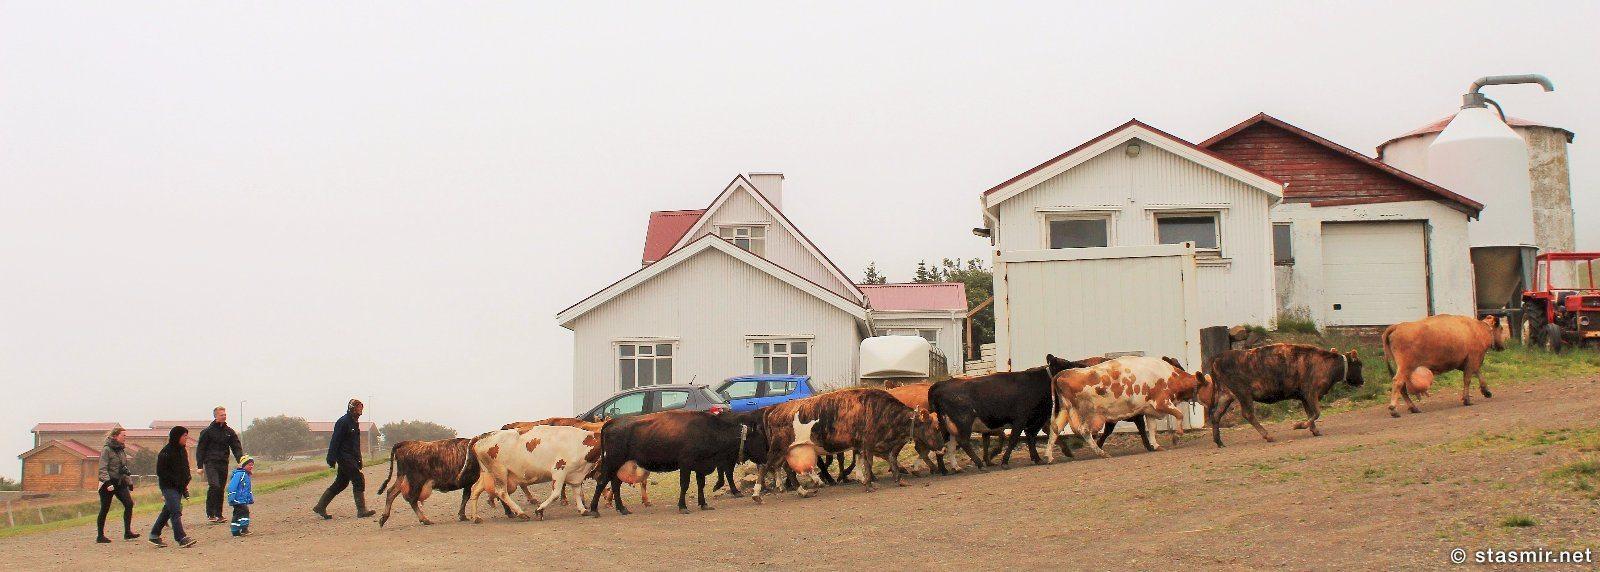 коровы на исландской ферме, фото Стасмир, photo Stasmir